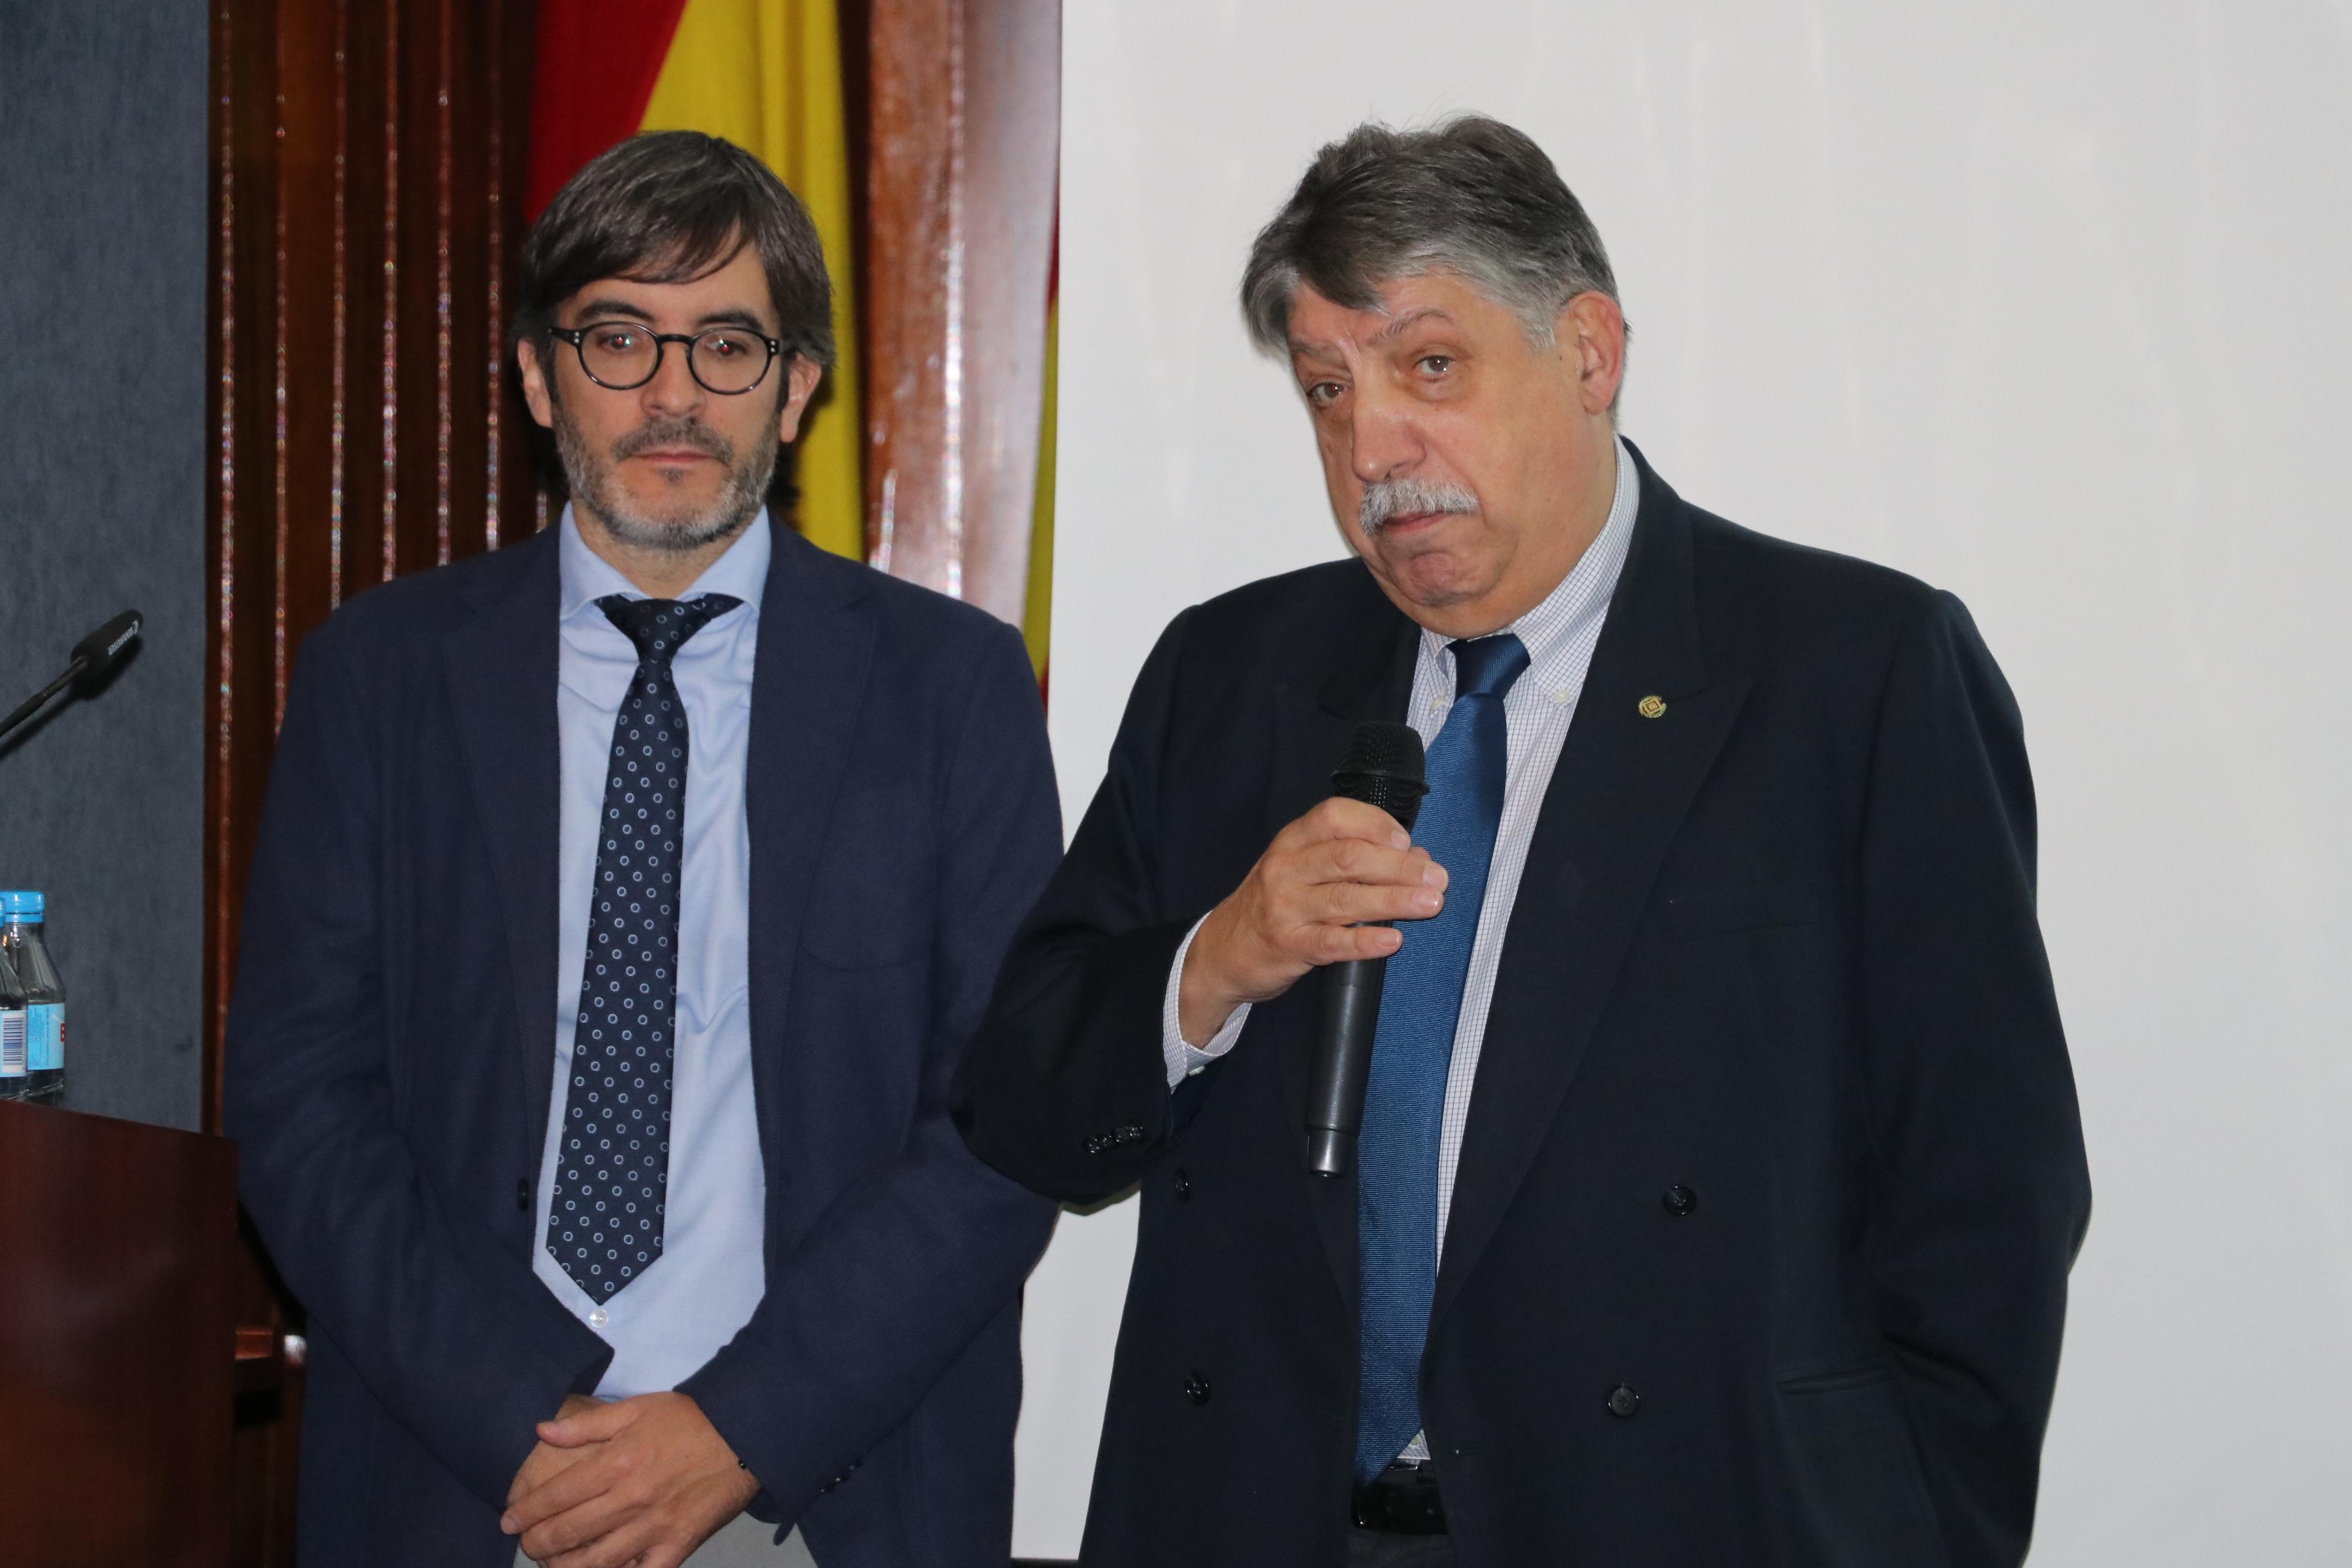 Dr. Miguel Triola Fort, vicepresidente de PSN a la derecha junto a Salvador Serrano Fernández, responsable del Área de Protección de Datos de PSN Sercon